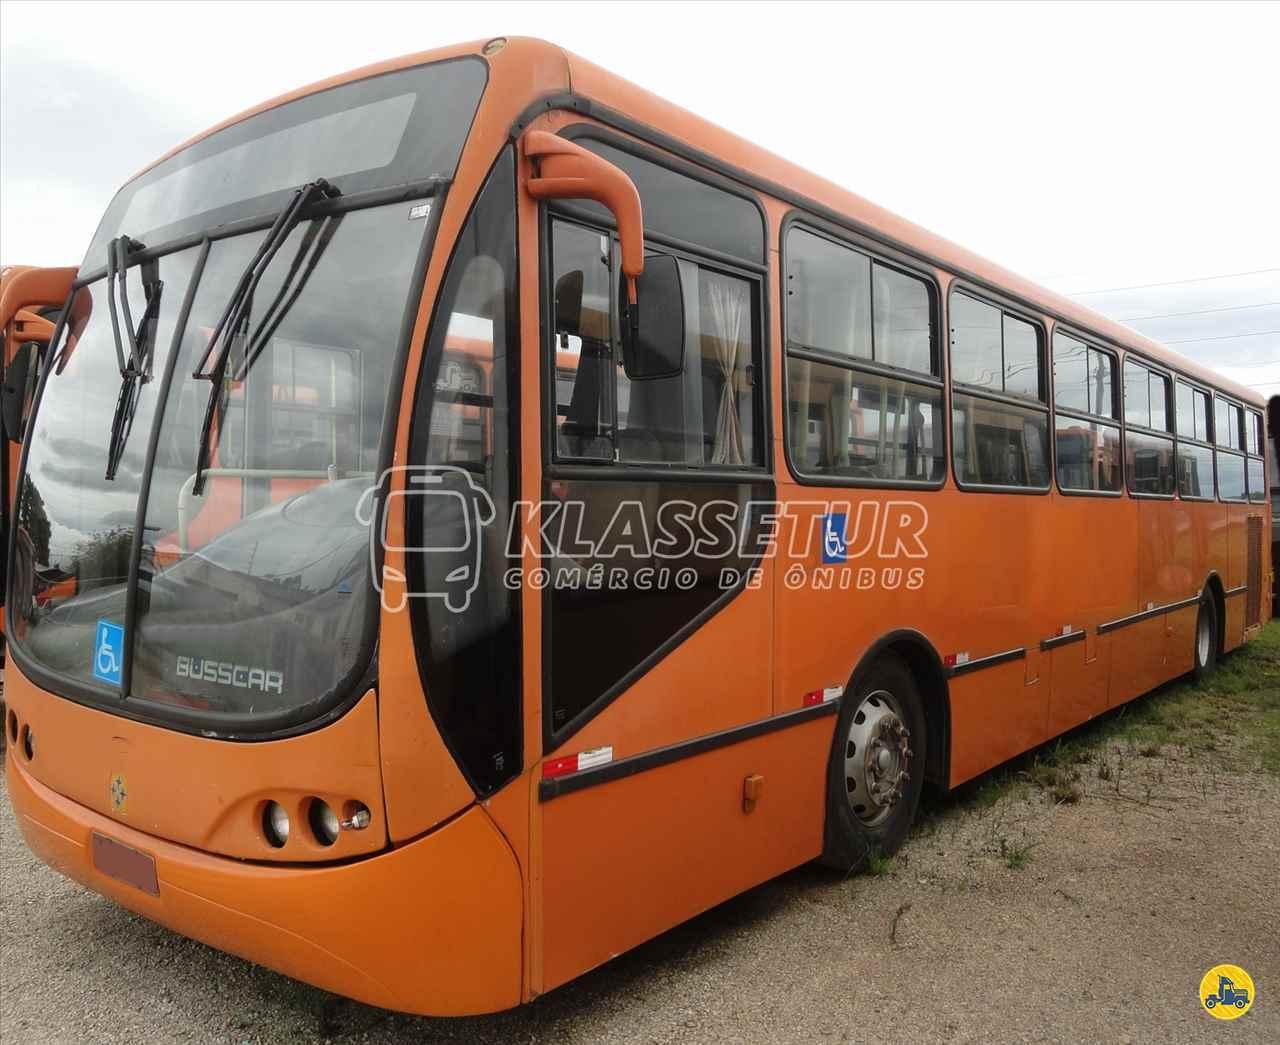 ONIBUS BUSSCAR Urbanuss Pluss Tração 4x2 Klassetur Comércio de Ônibus CURITIBA PARANÁ PR